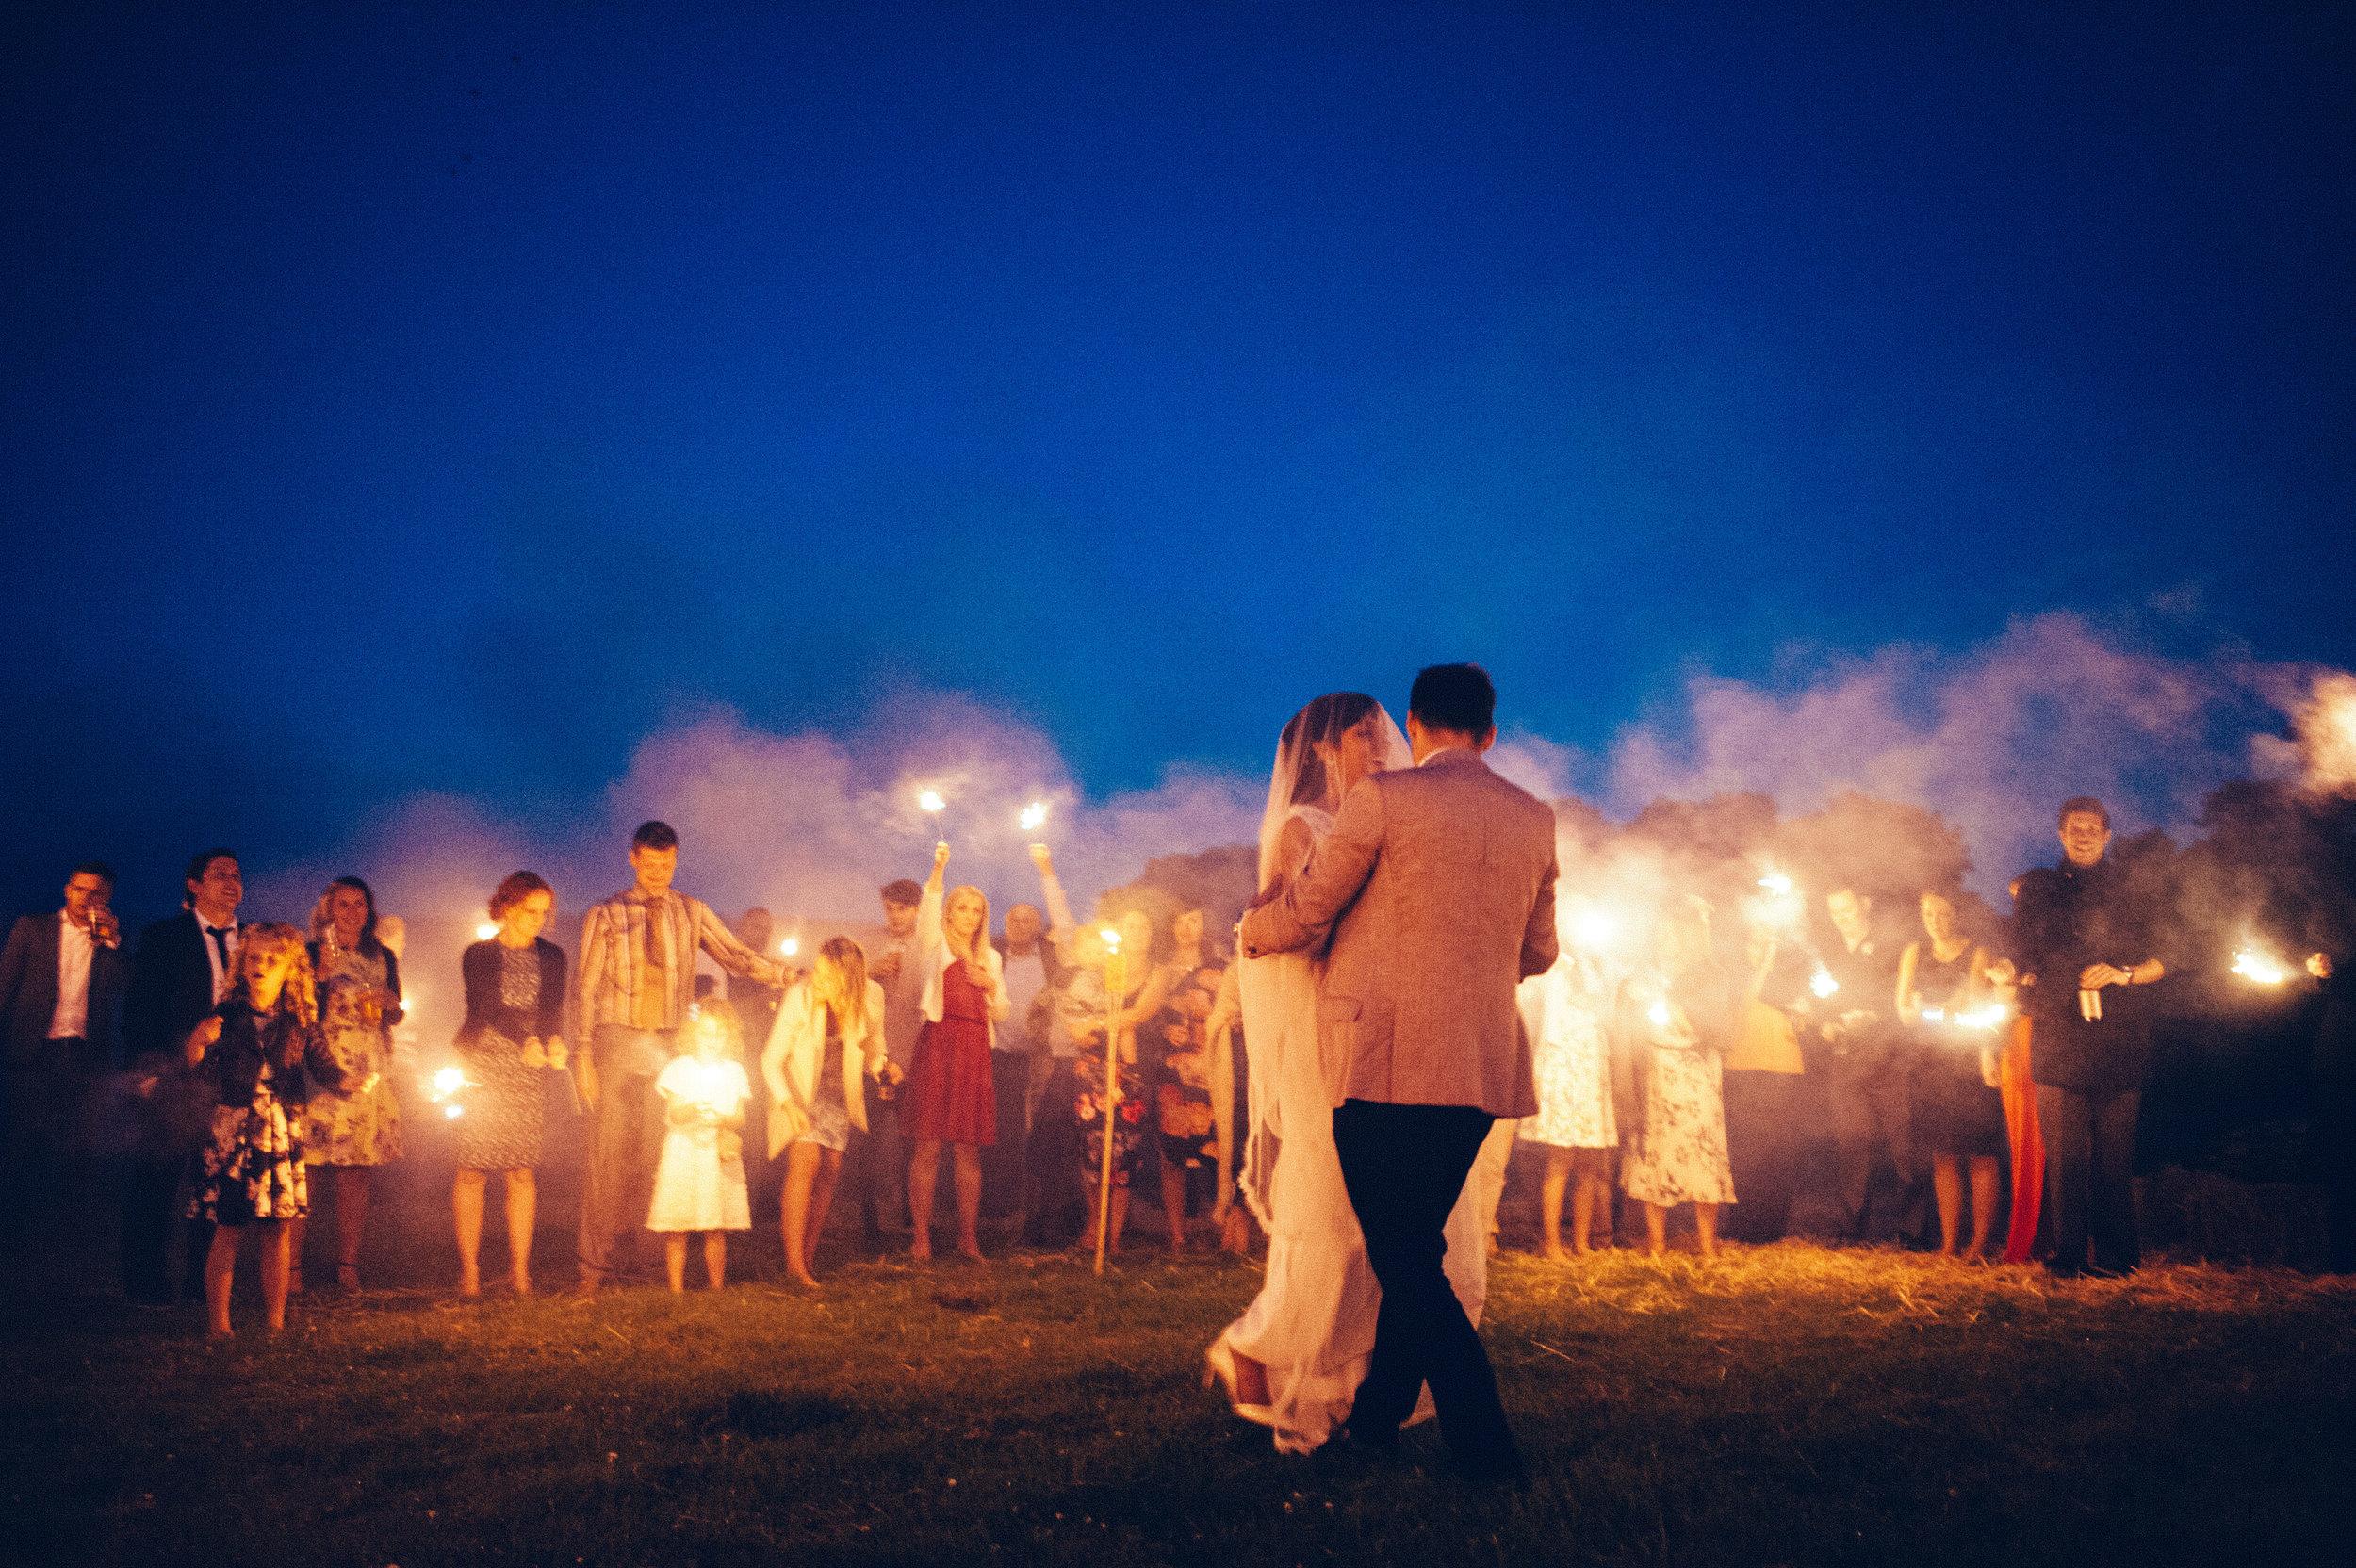 fire love -